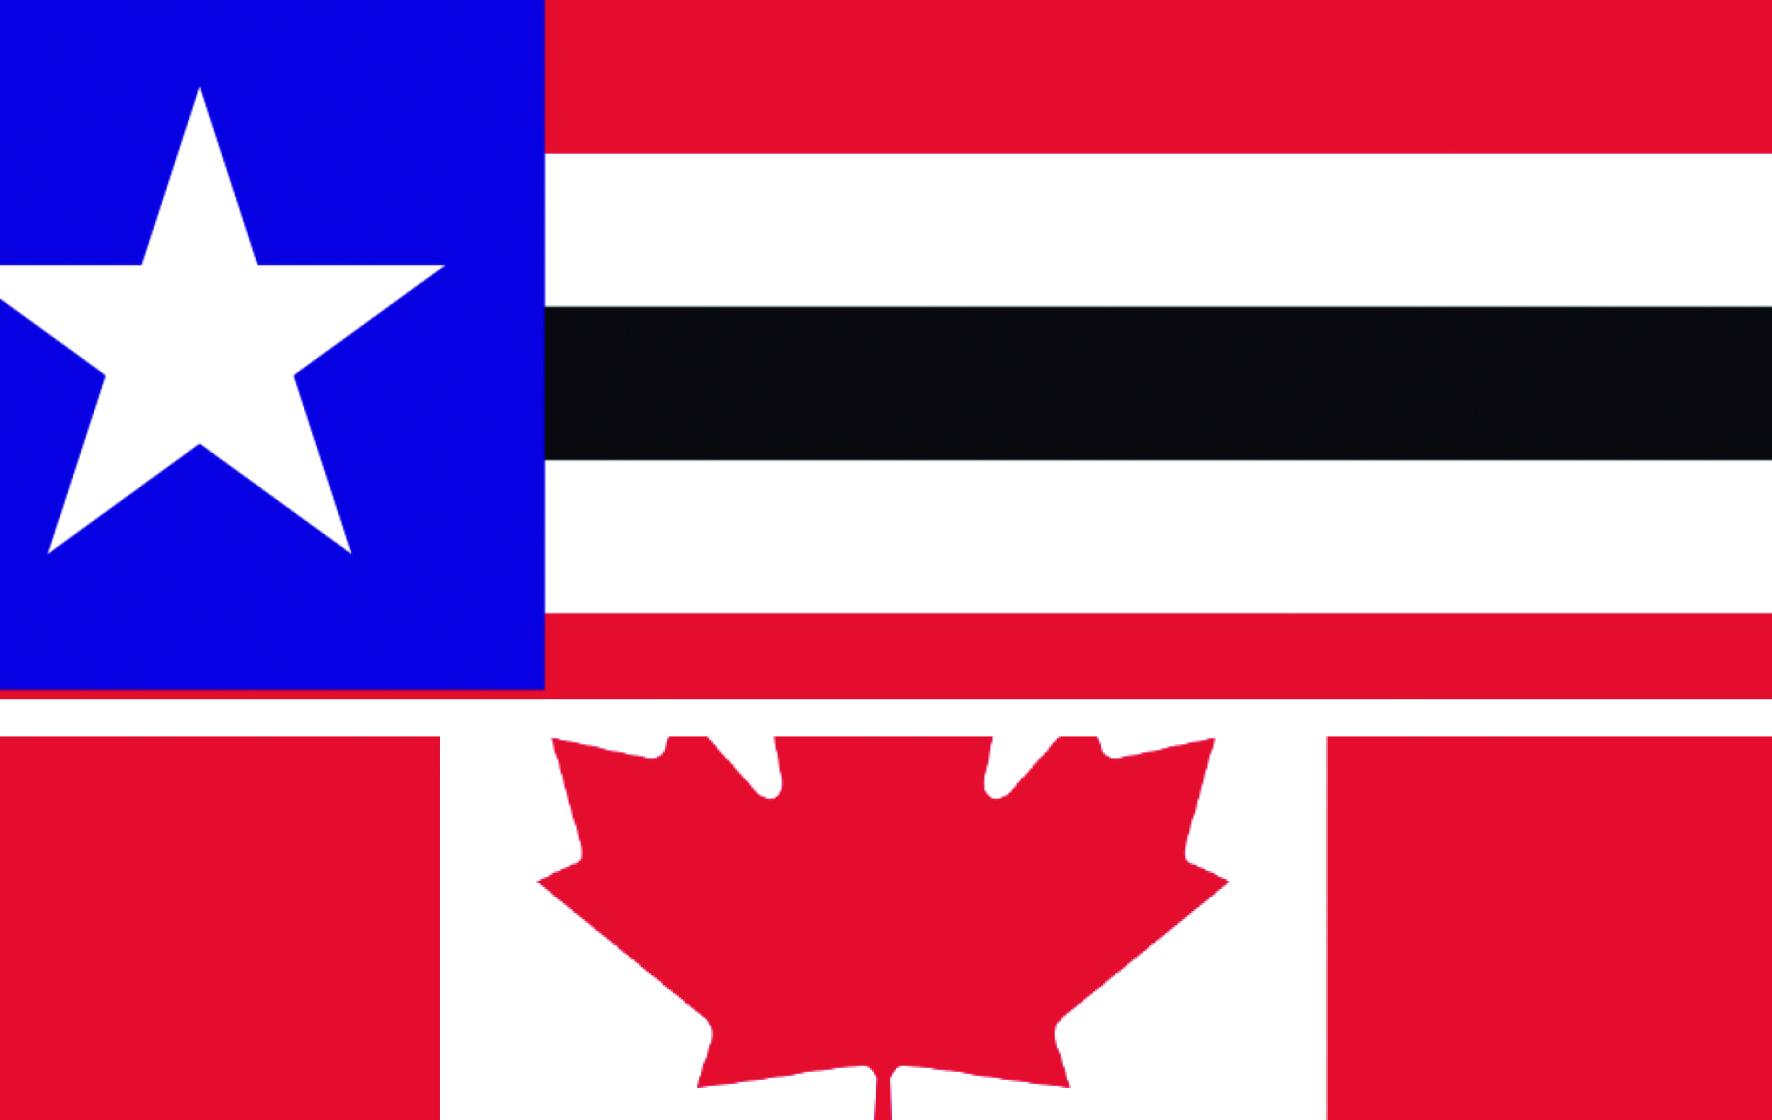 bandeira (maranhao e canada)